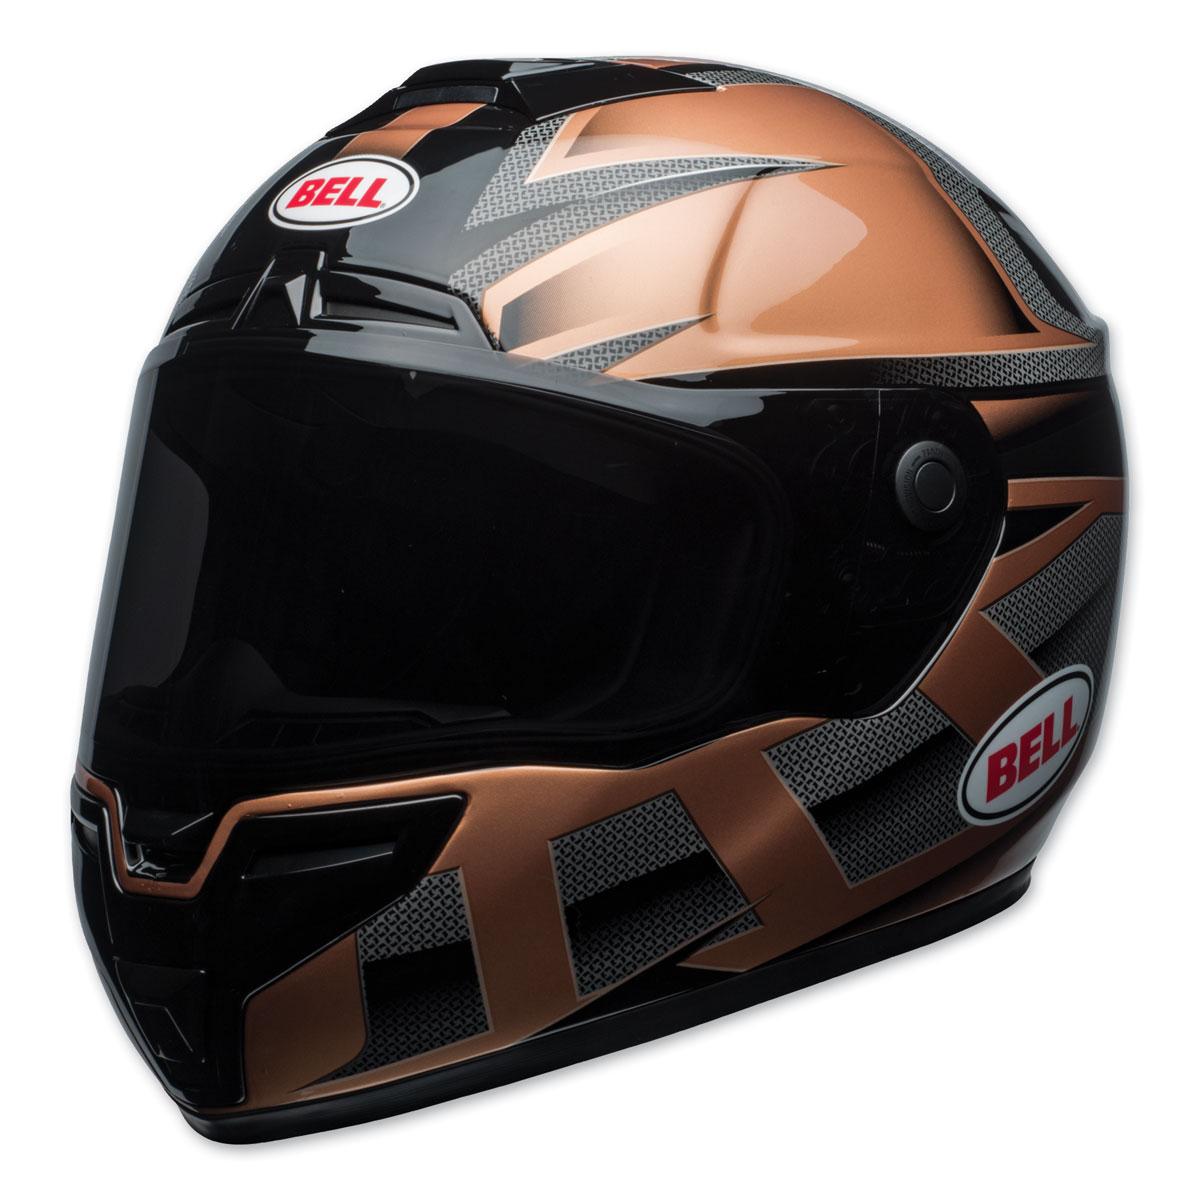 Bell SRT Predator Gloss Copper/Black Full Face Helmet